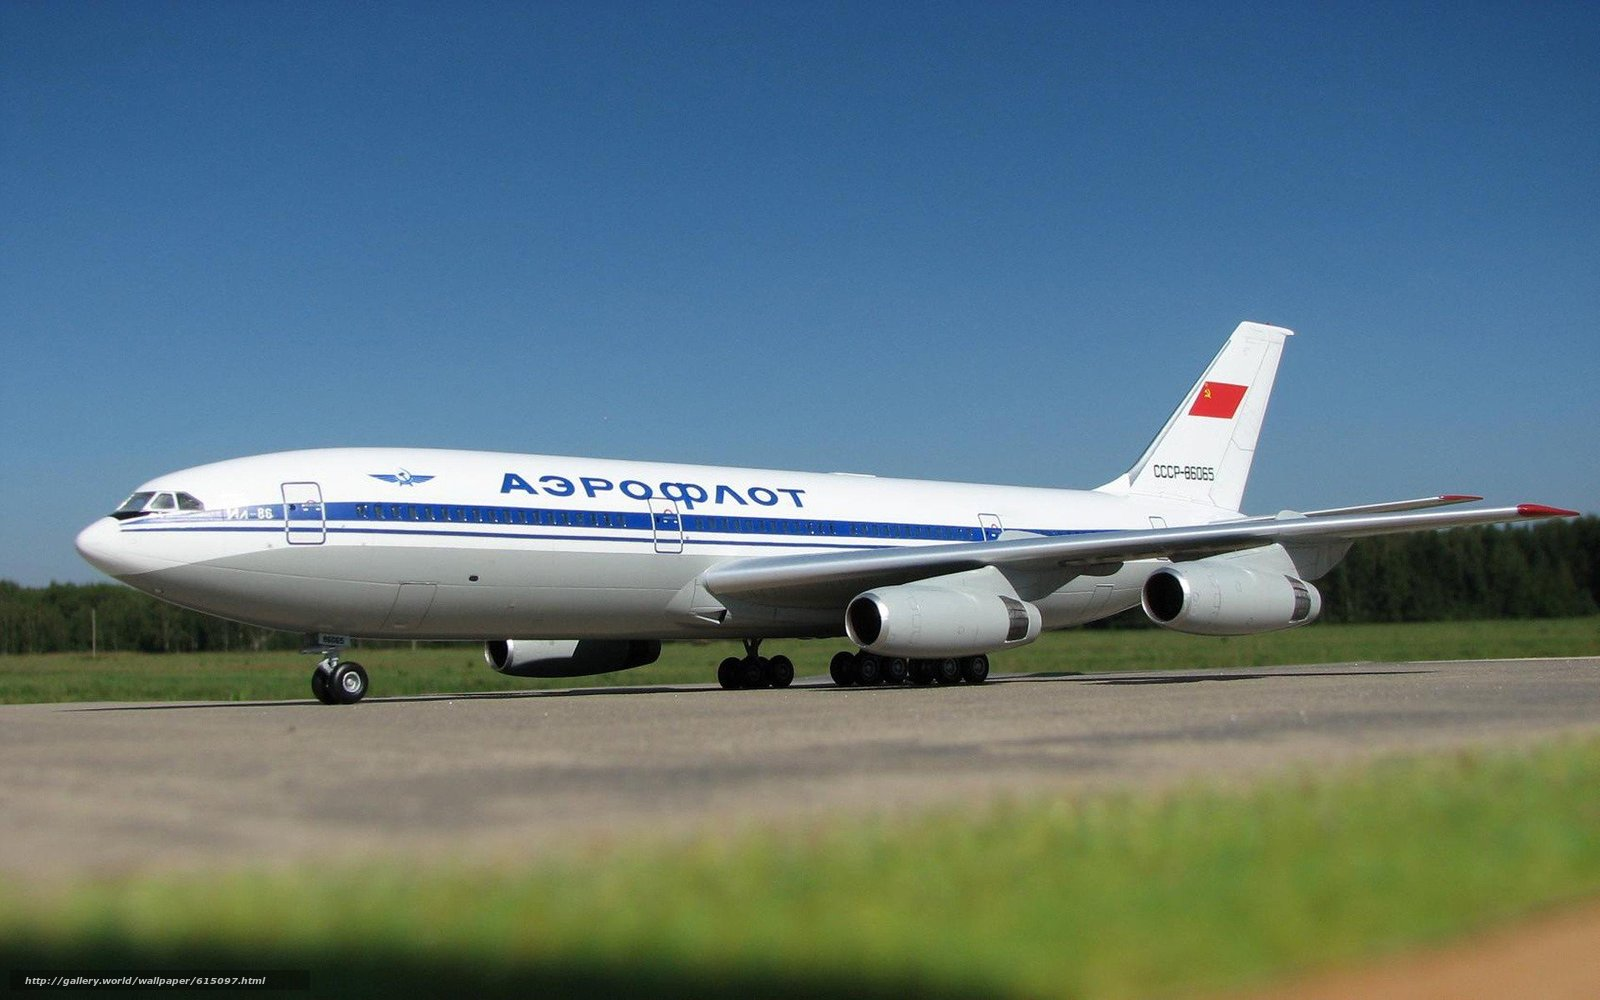 Скачать на телефон обои фото картинку на тему самолёт, ИЛ-86, Аэрофлот, СССР, разширение 1920x1200